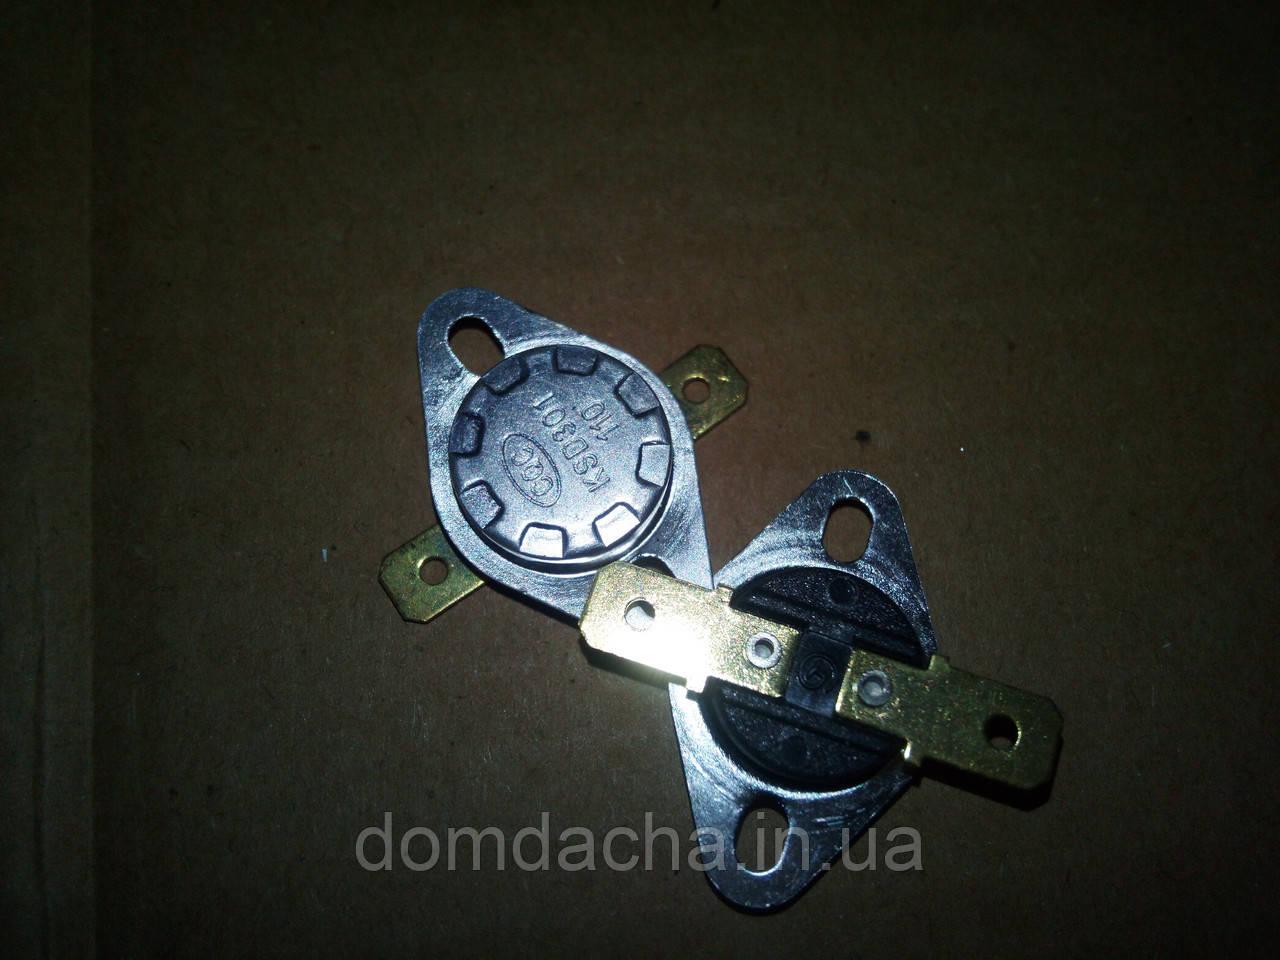 Термостат биметаллический нормально-замкнутый KSD301 10А, 60°C